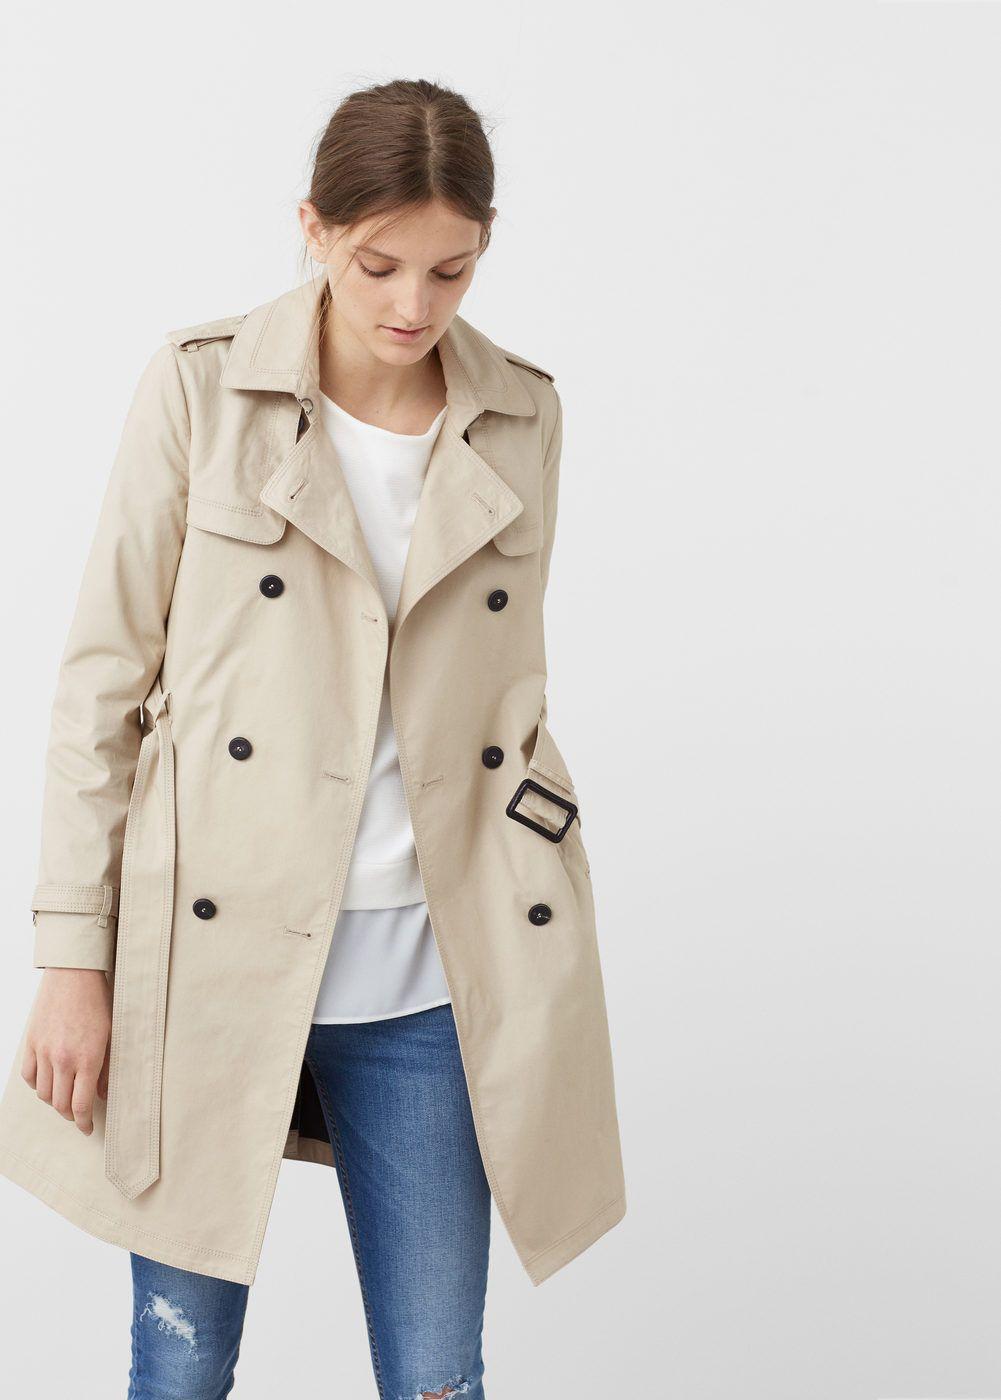 a6b8da74d04a Classic cotton trench coat - Women   Things to buy   Coat, Coats for ...